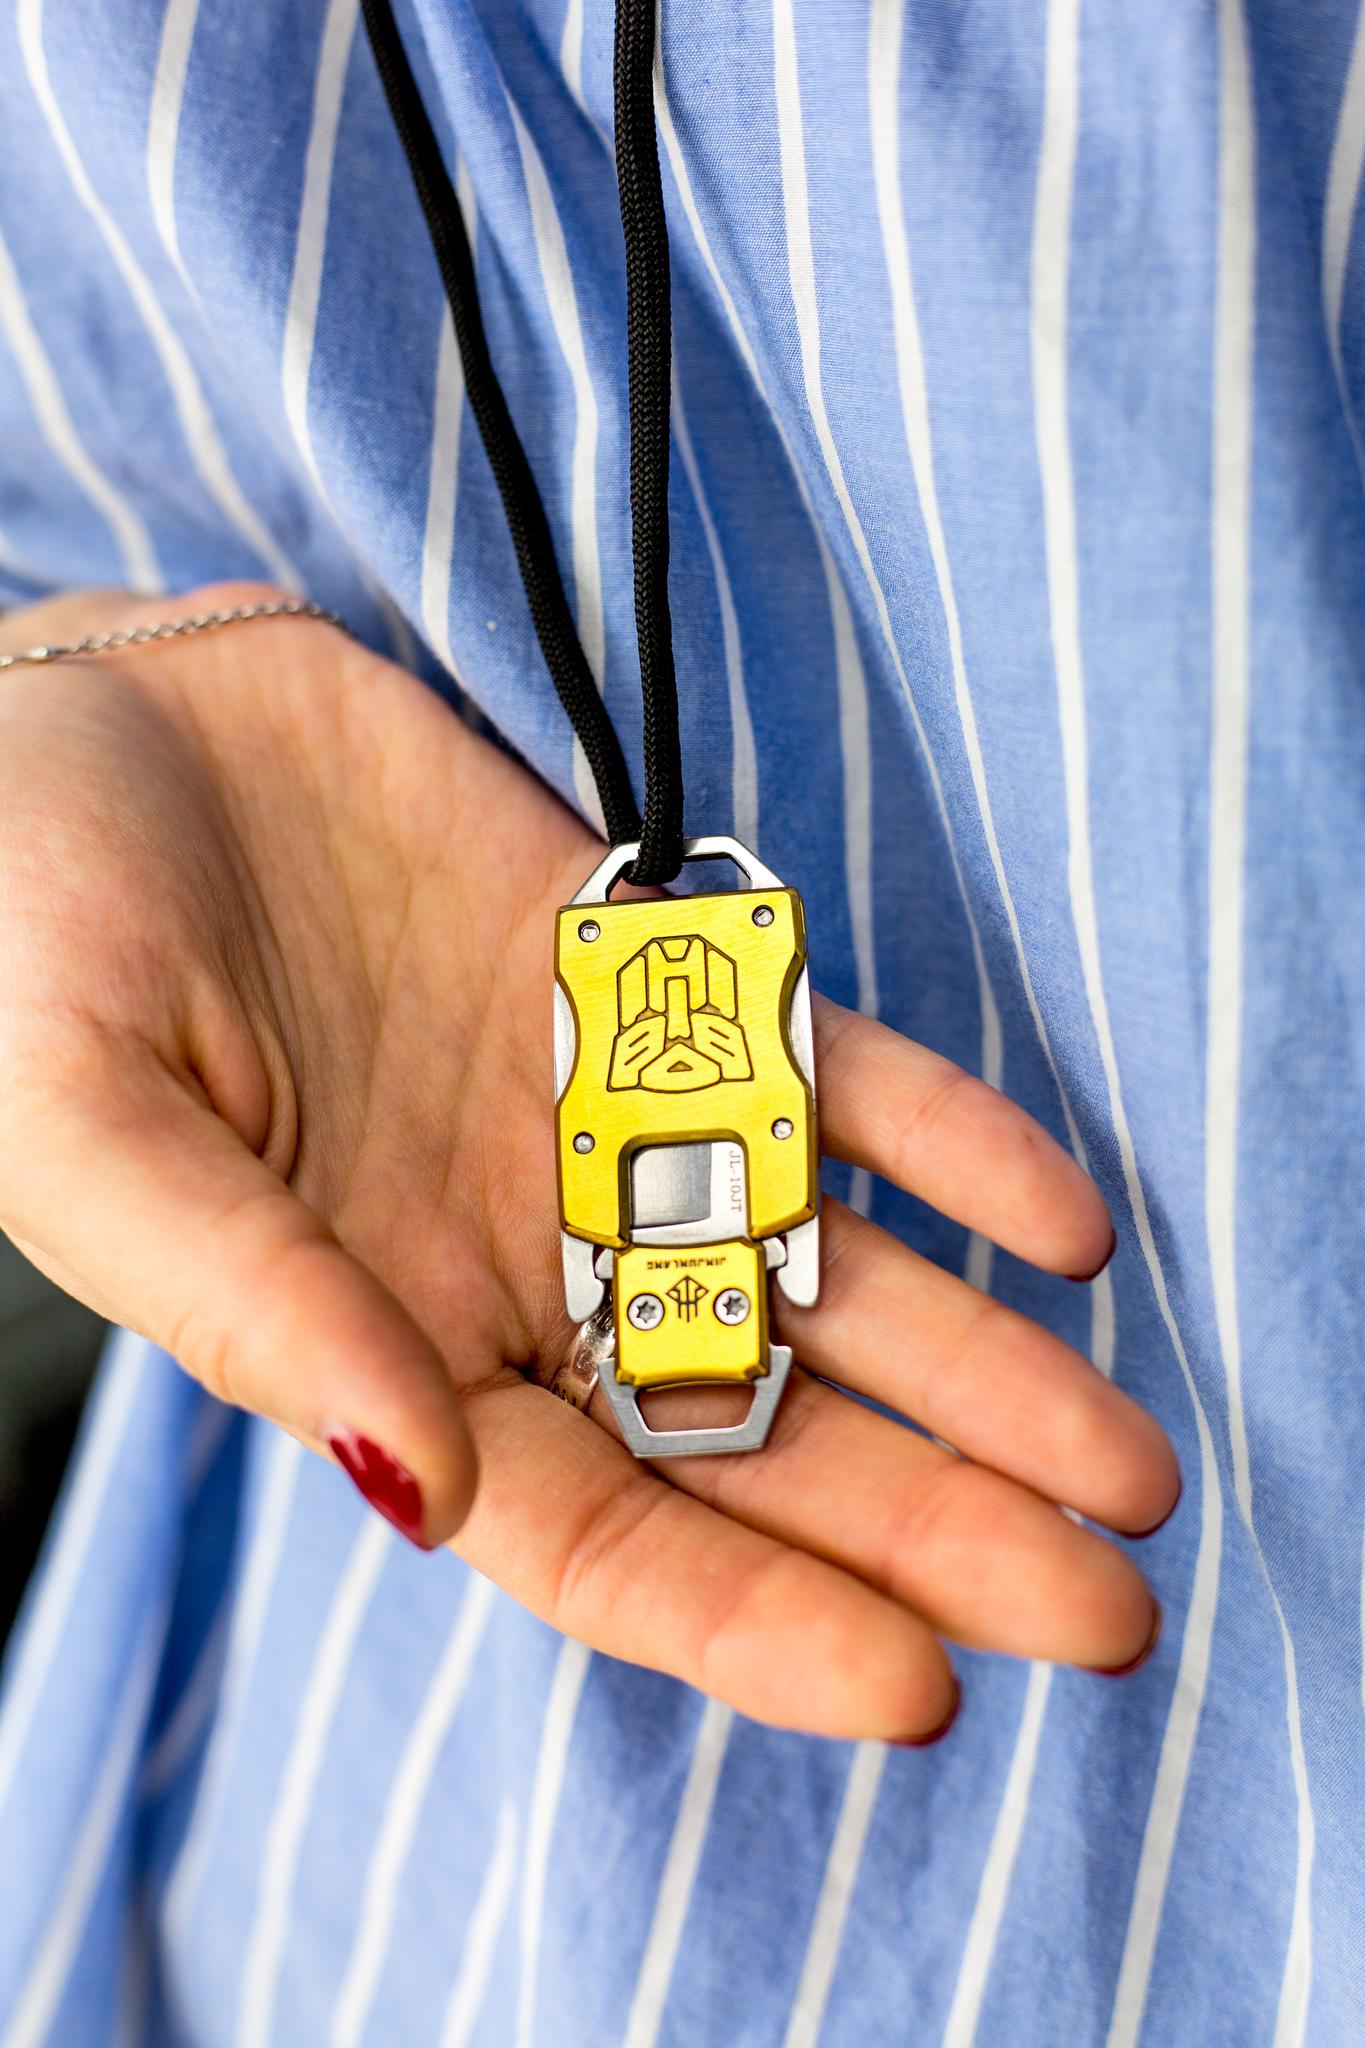 Шейный нож Prime Gold420<br>Ценителям брутальных мужских аксессуаров понравится ШЕЙНЫЙ НОЖ PRIME GOLD. Если вы любите разбавлять свой ежедневный гардероб яркими цветовыми оттенками, обратите внимание на эту модель. Нож представляет собой металлический кулон для ношения на шее или на ключах в качестве брелка. Однако внутри кулона спрятан маленький секрет — клинок длиной 3,1 сантиметр. В рабочем положении клинок вставляется в основании самого кулона и превращается в компактный городской нож с фиксированным клинком. Надежный защелка плотно фиксирует клинок в рабочем и сложенном состоянии.<br>